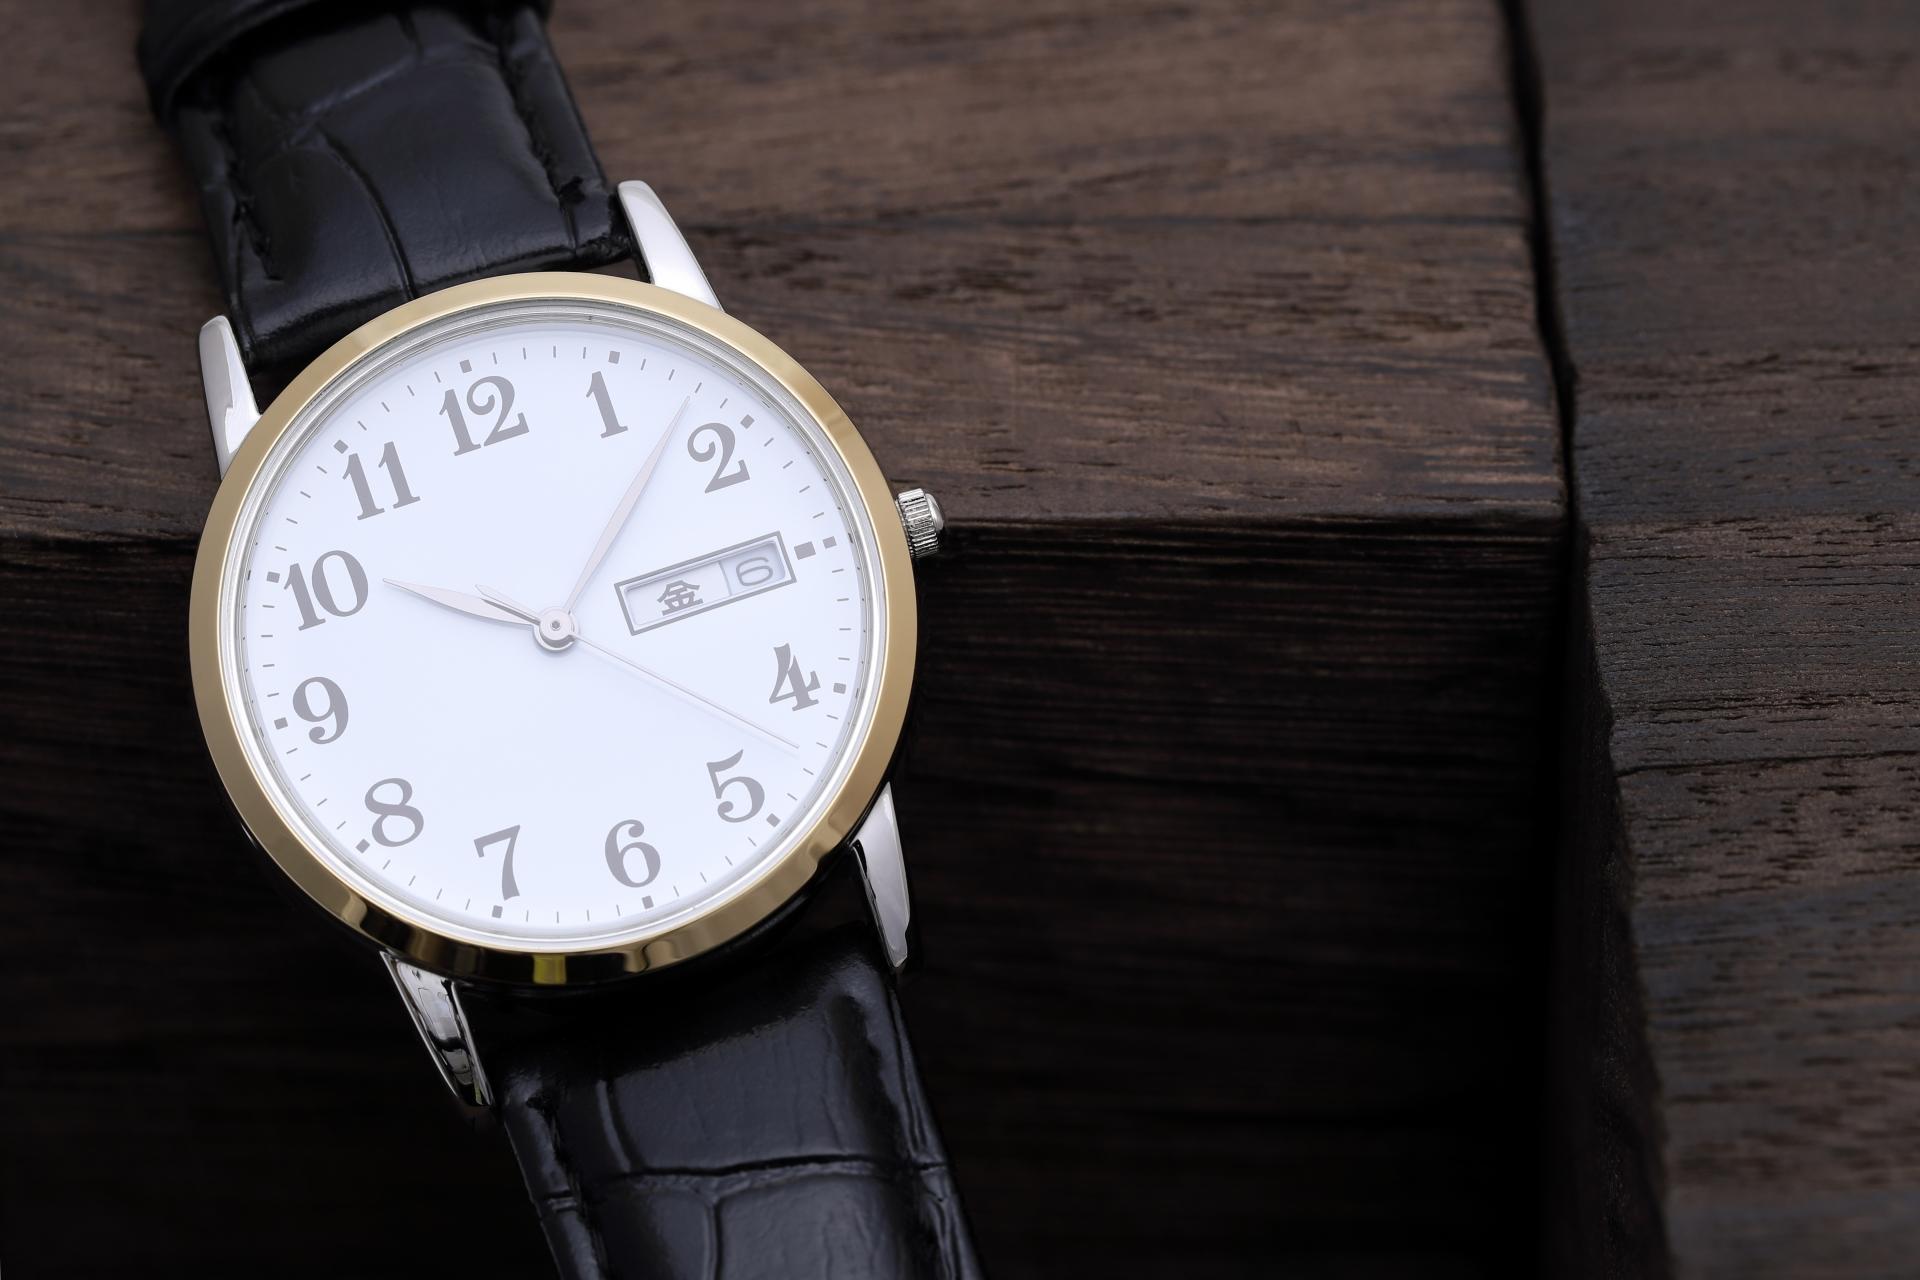 就活におすすめな時計特集!面接で好印象を与えるものの選び方は?